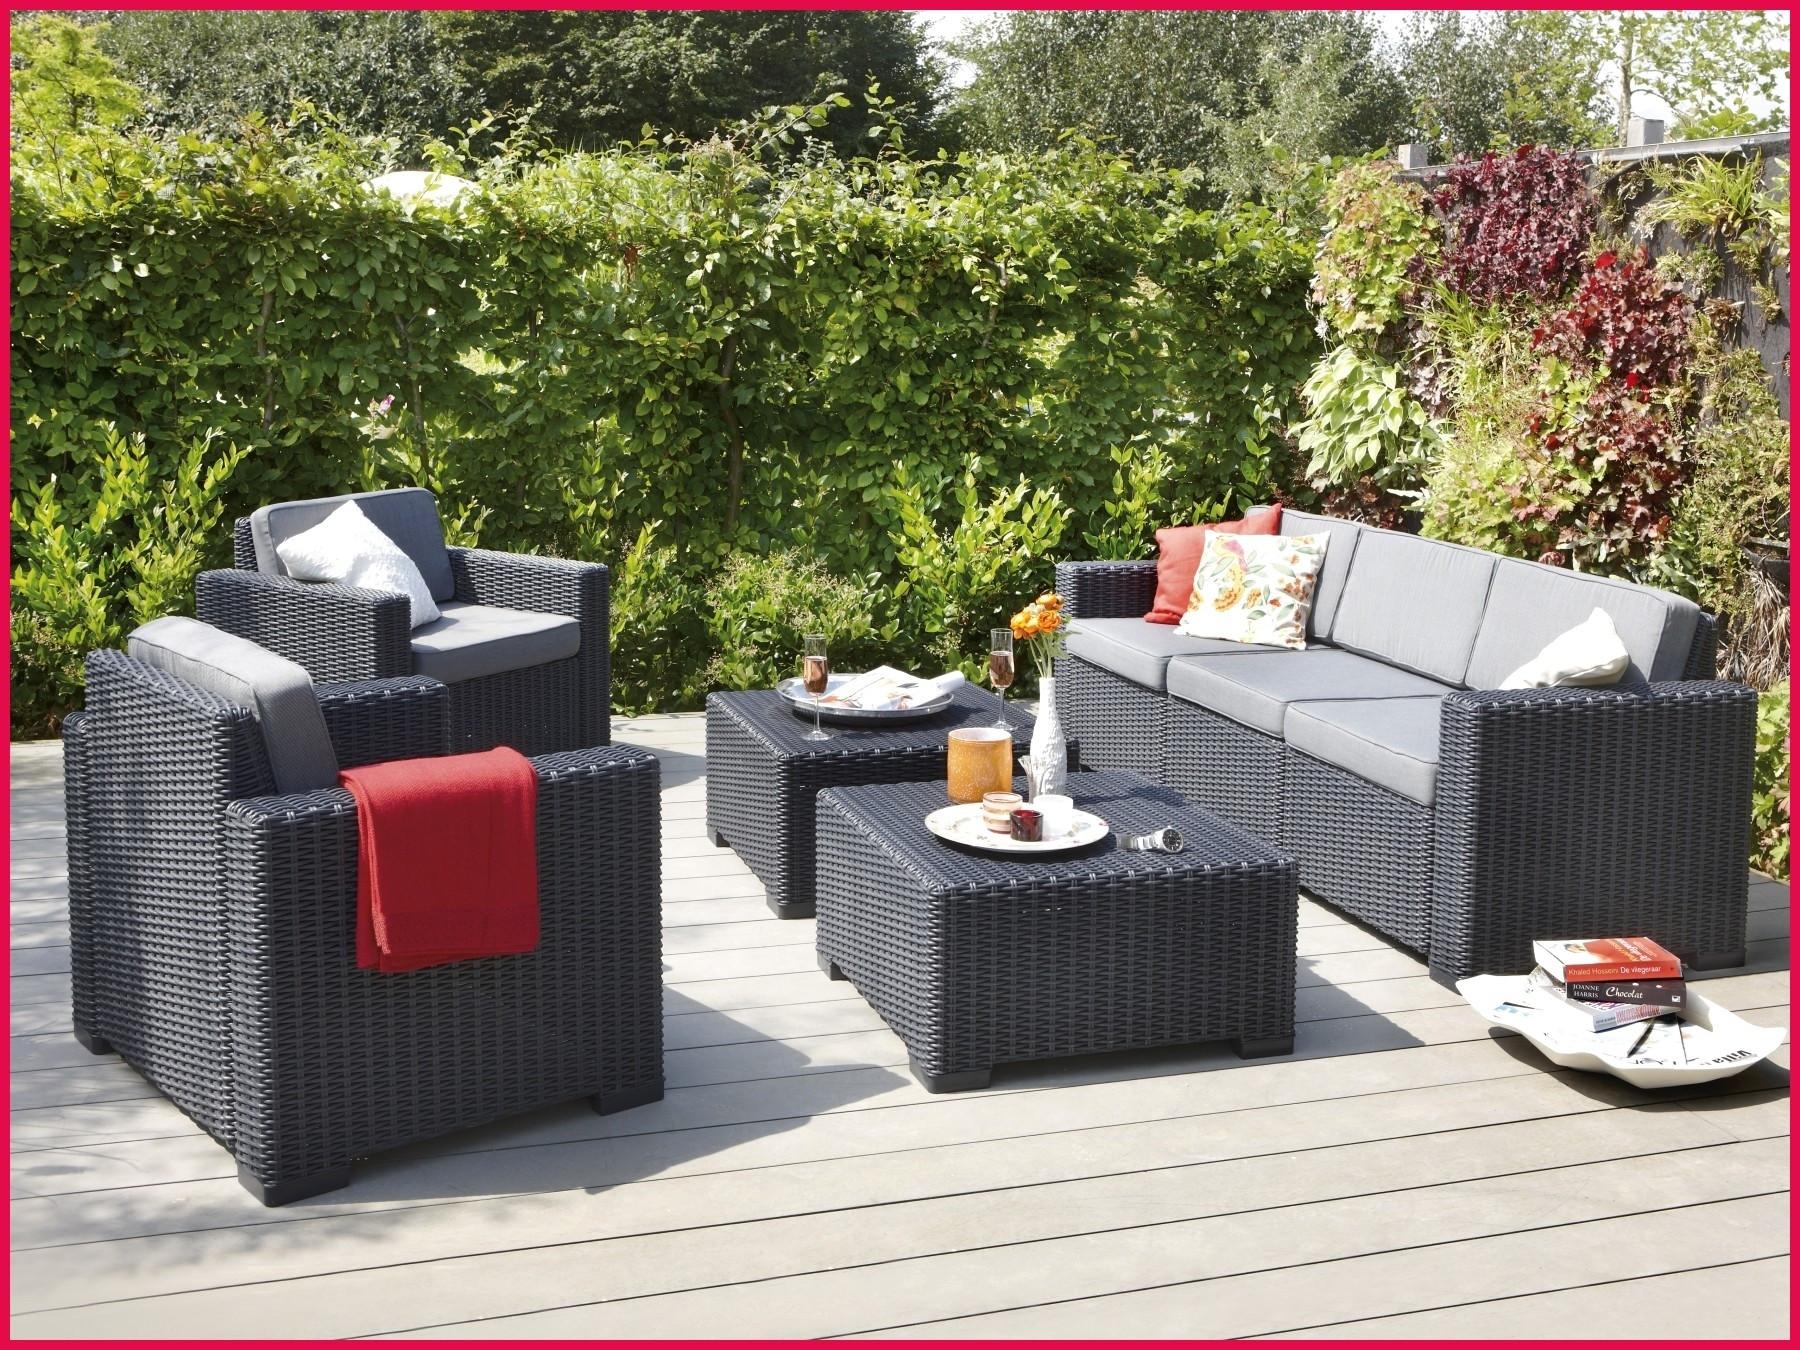 Salon de jardin california allibert 5 places - Abri de jardin et ...